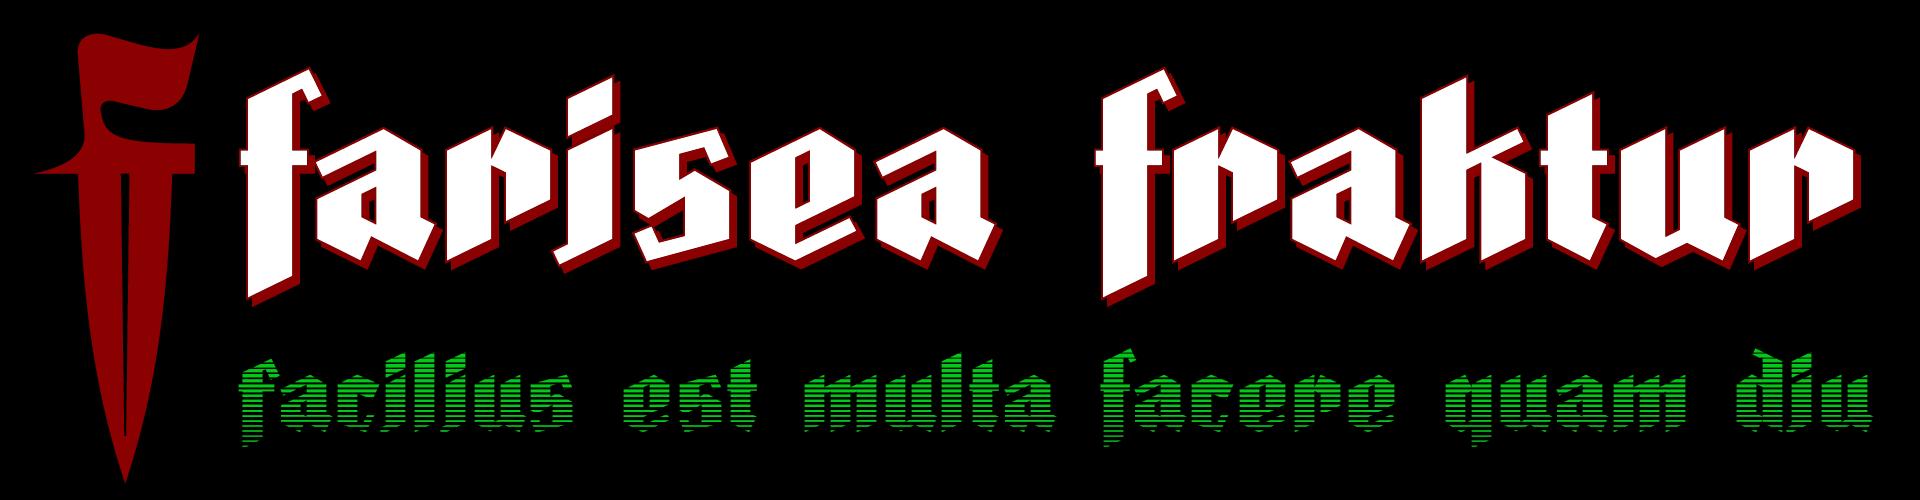 Farisea Fraktur - Facilius est multa facere quam diu.